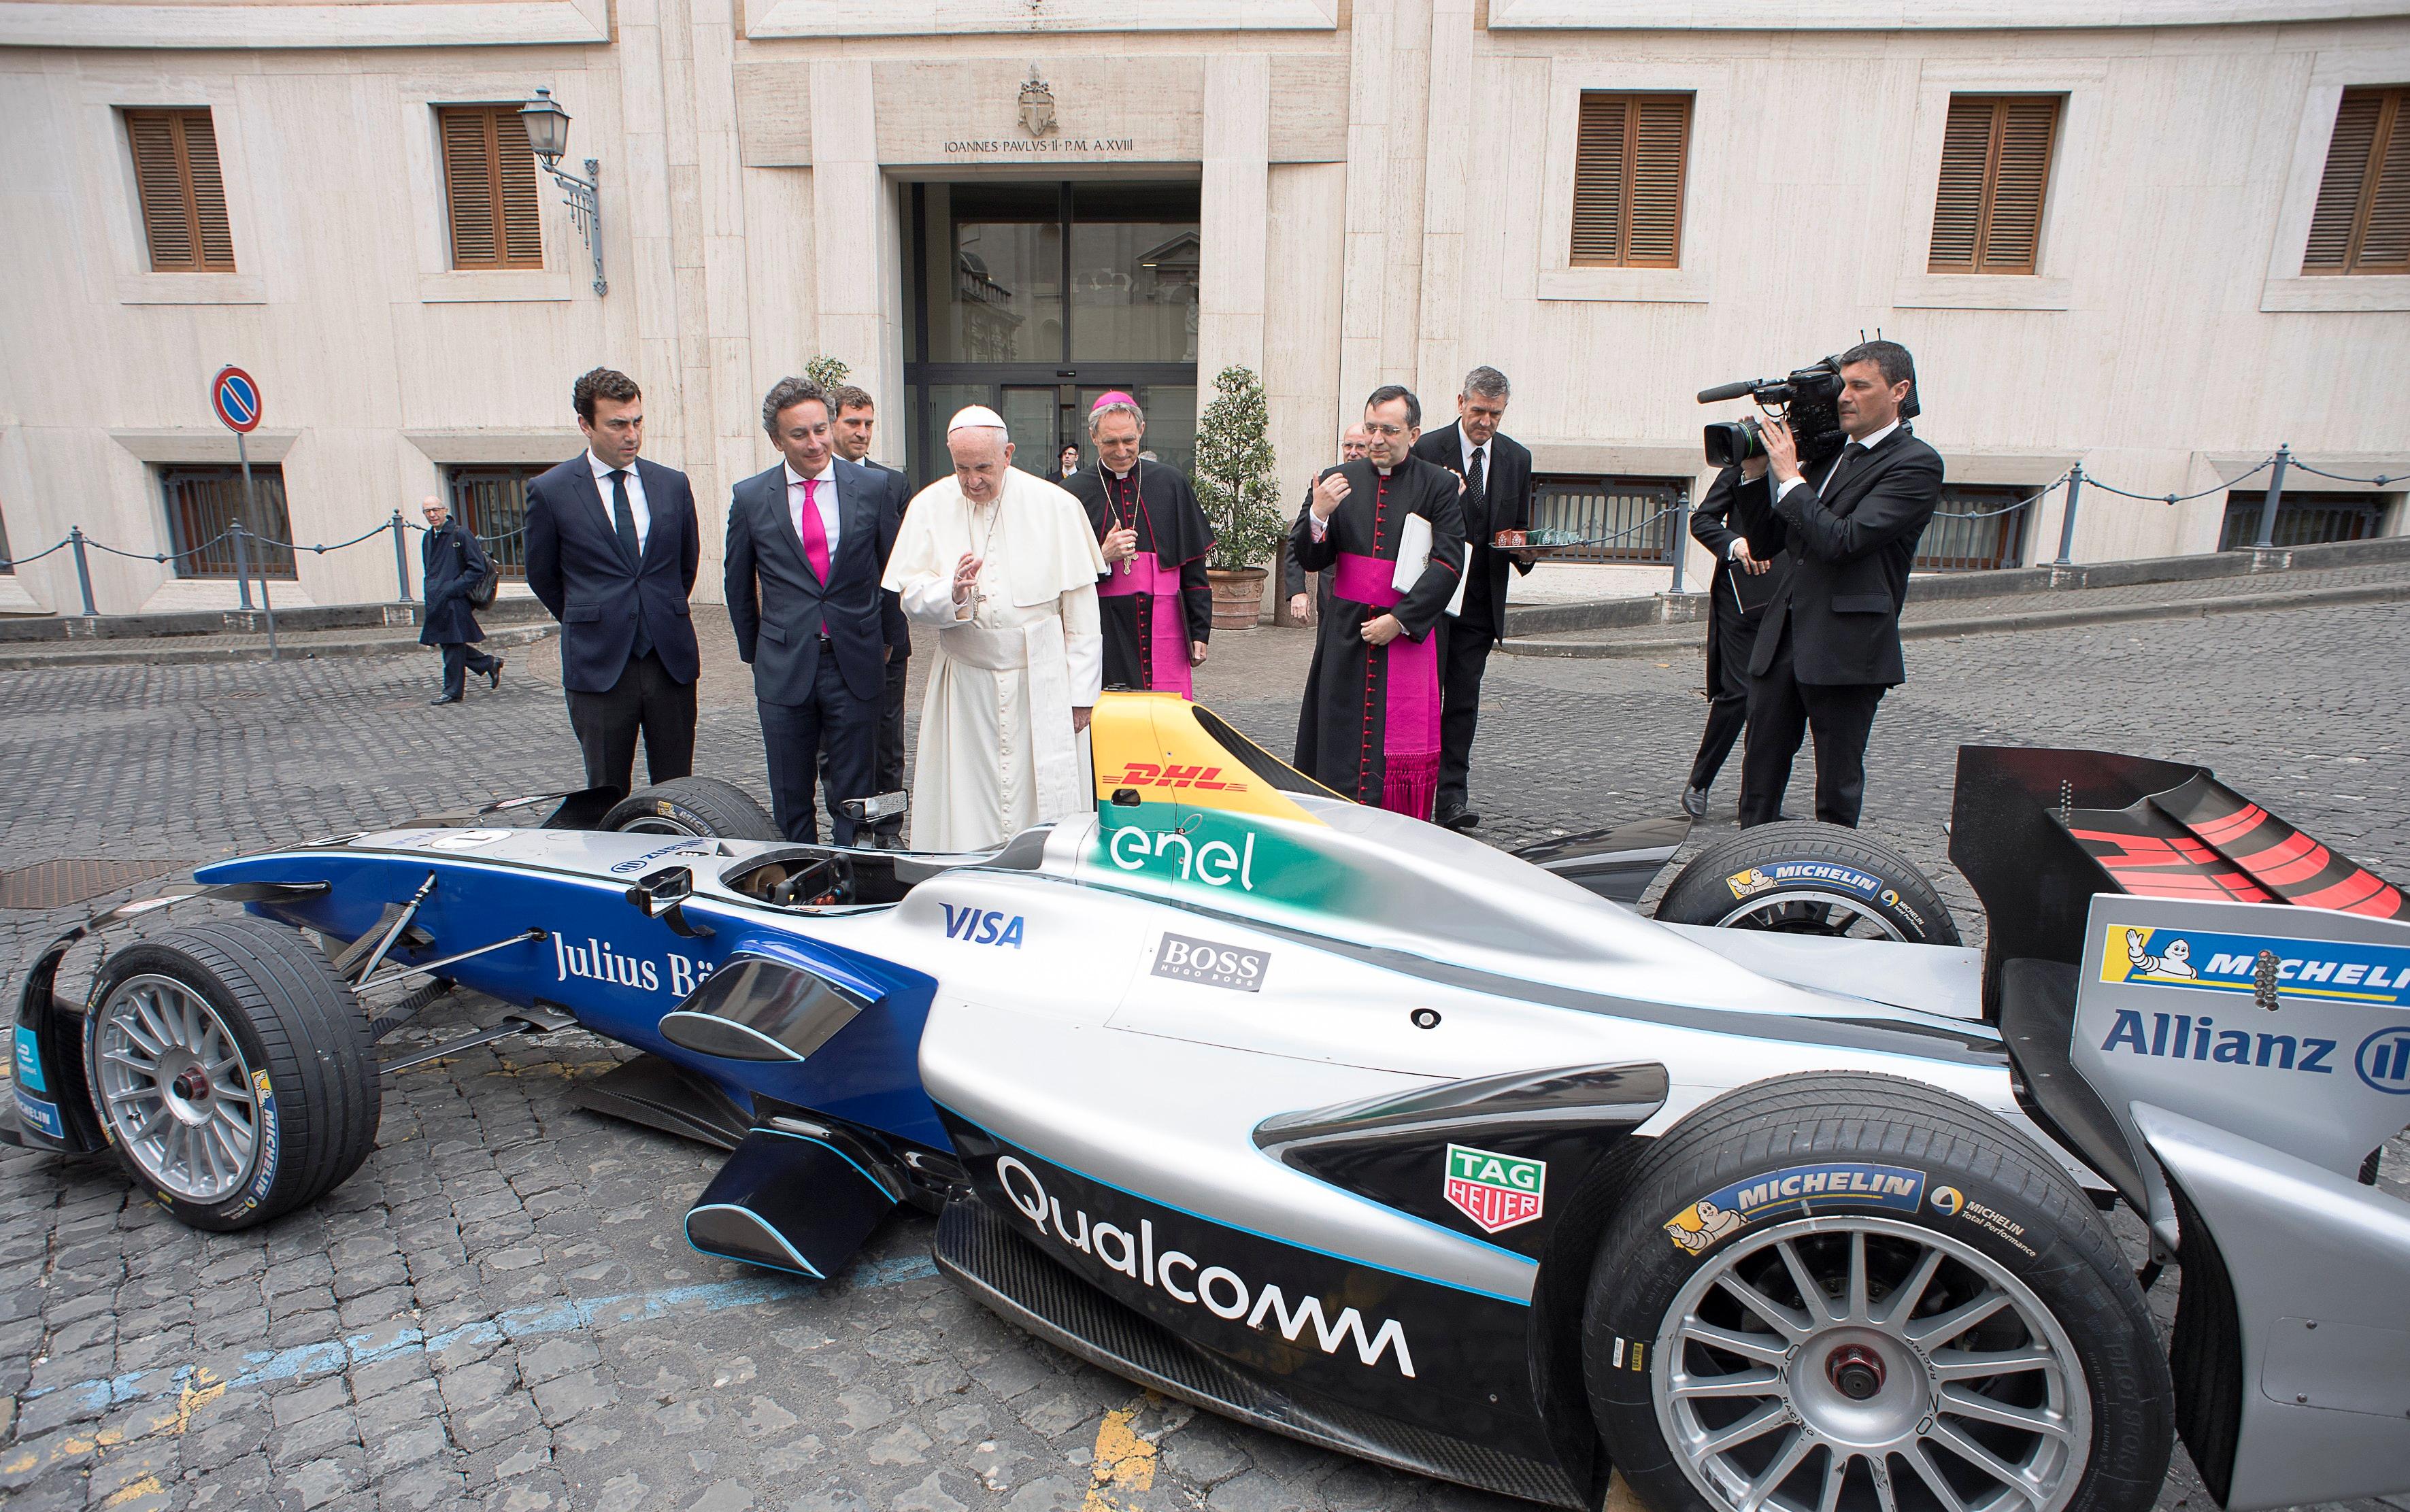 Фото дня: Папа Римский благословил один из самых технологичных автомобилей в мире